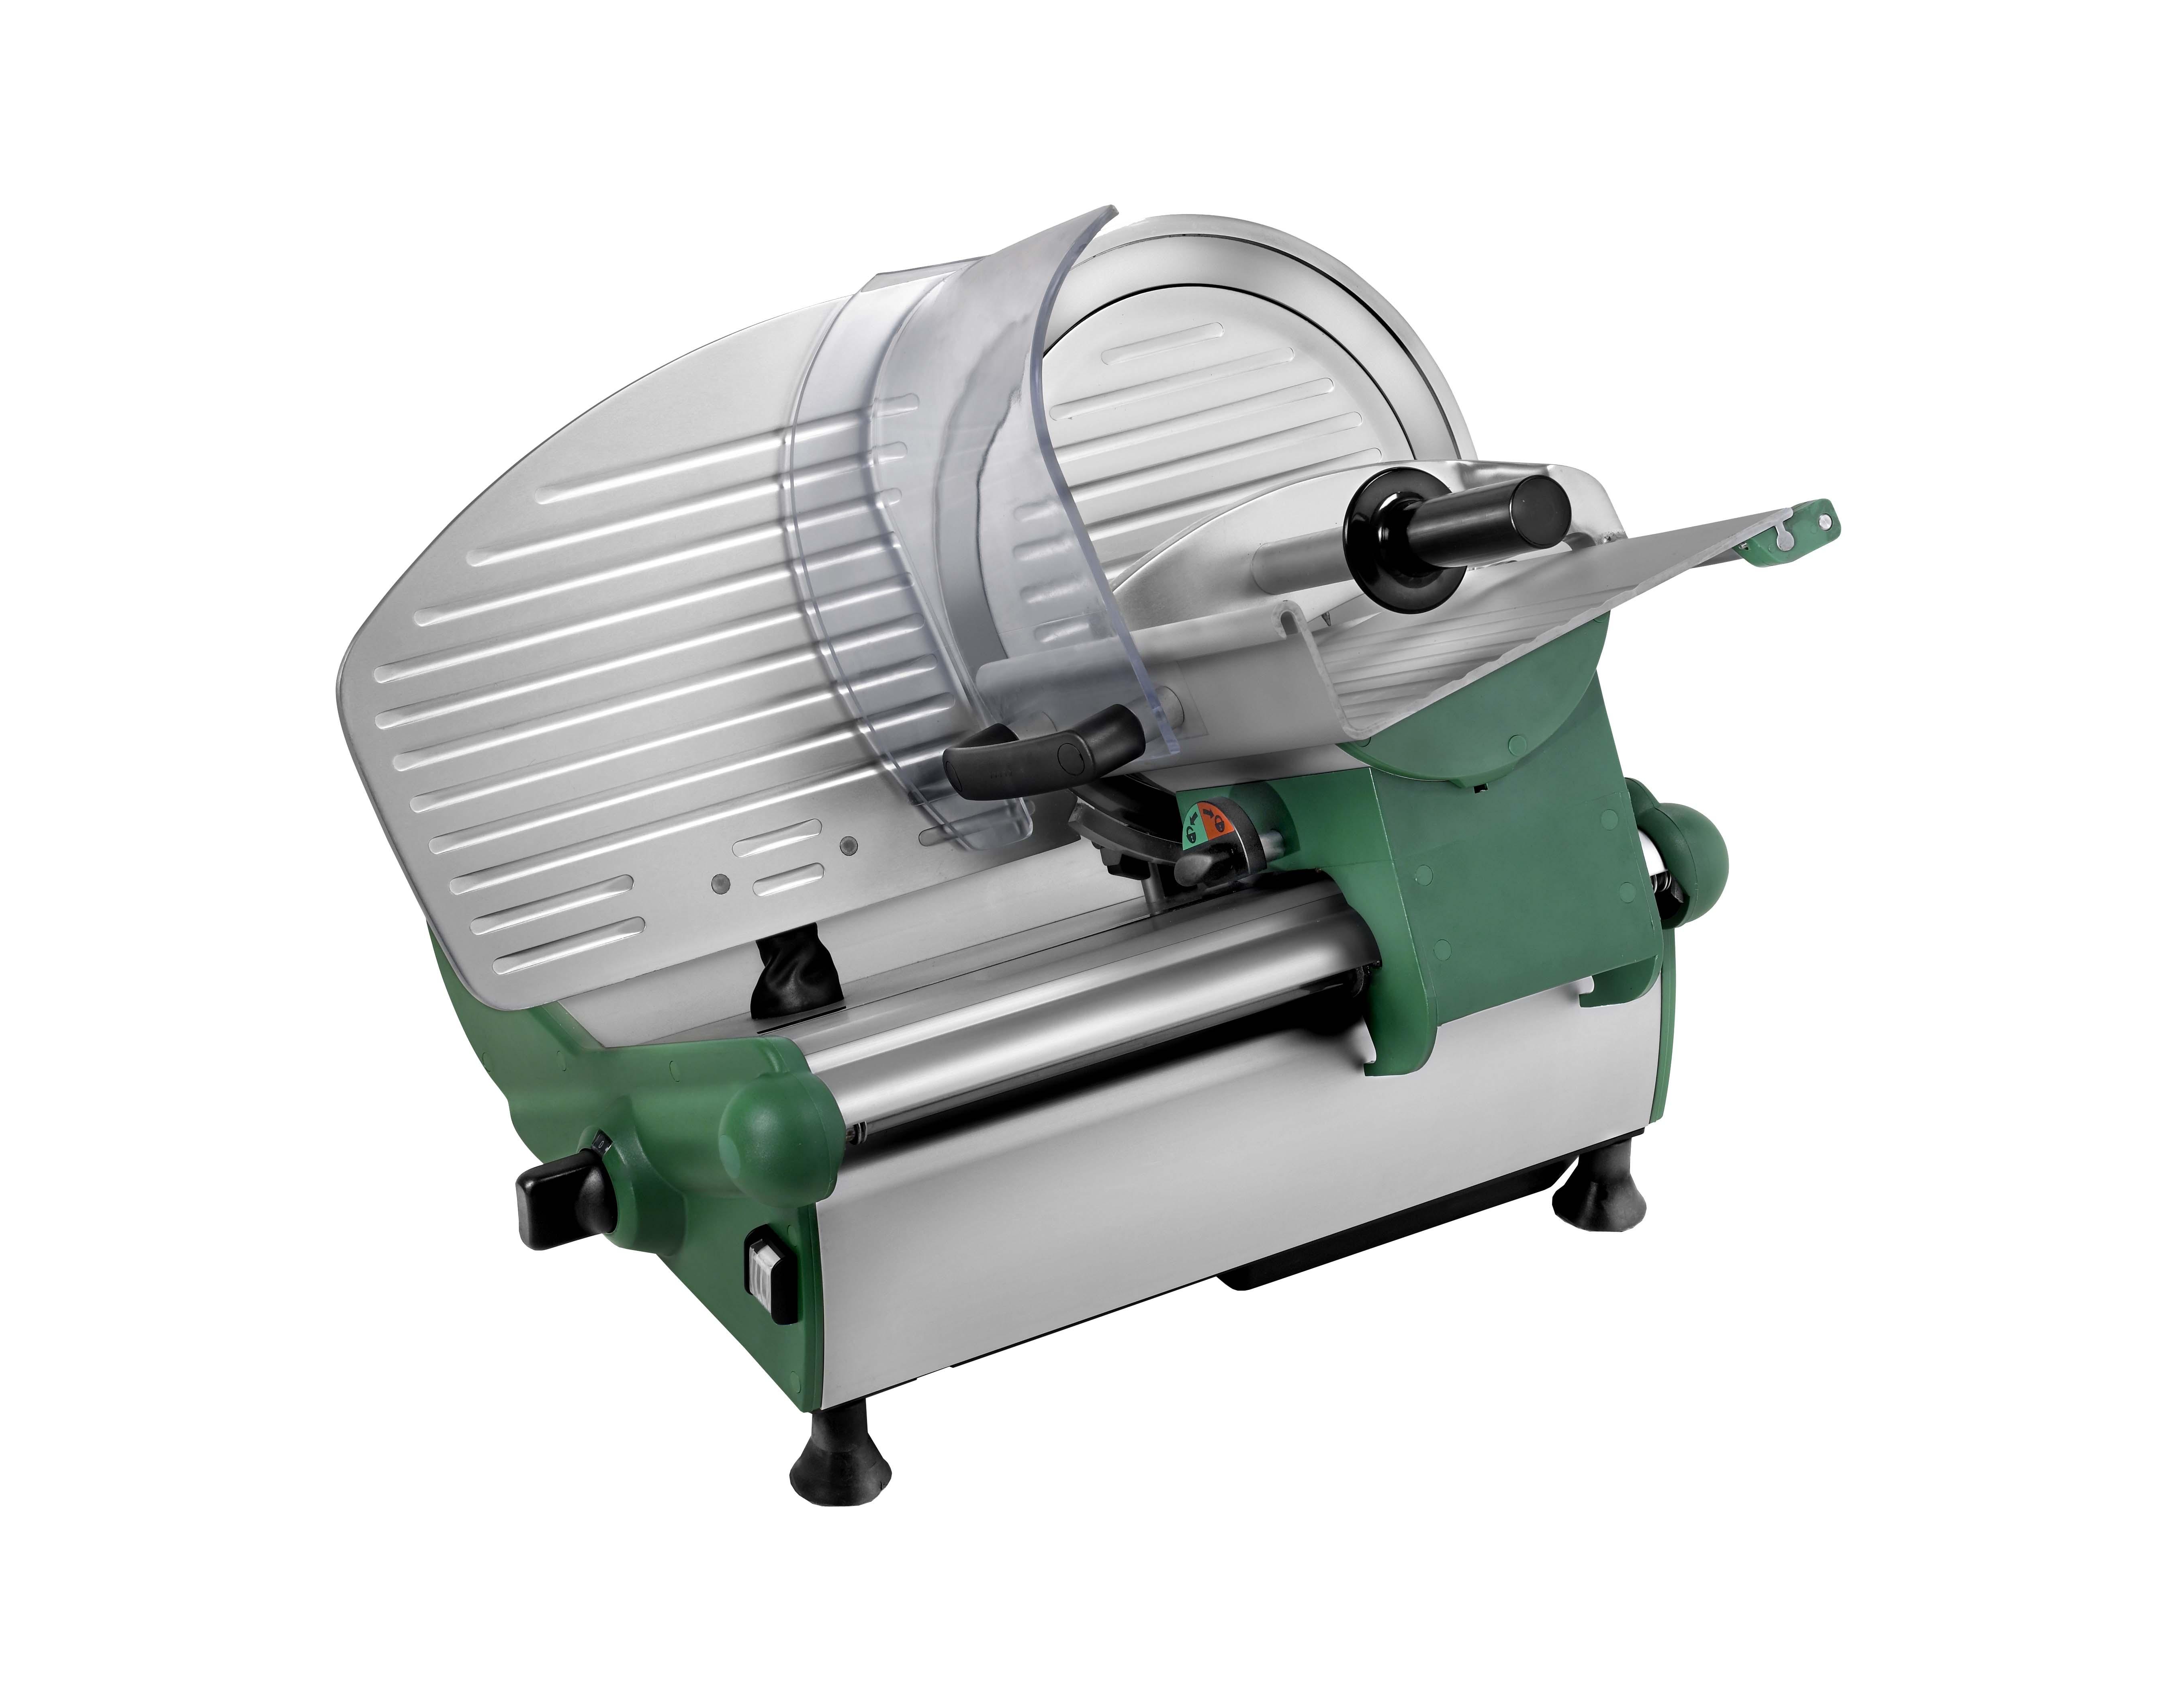 slp0300--slicer-rheninghaus-prima--300mm